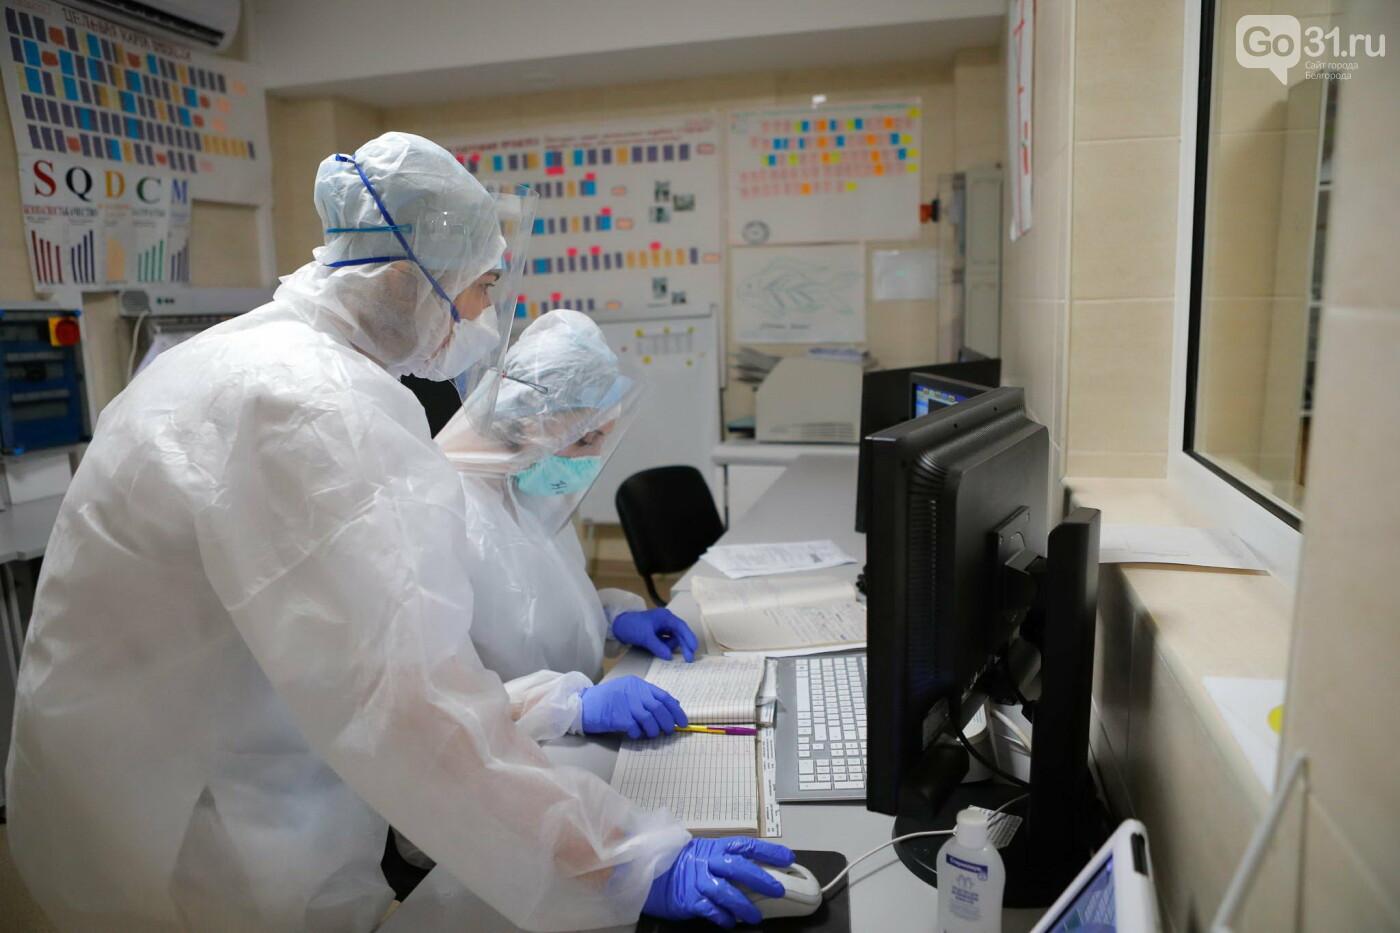 «Вы вообще понимаете, о чём говорите?» Главврач белгородского ковид-госпиталя – о пандемии коронавируса, фото-1